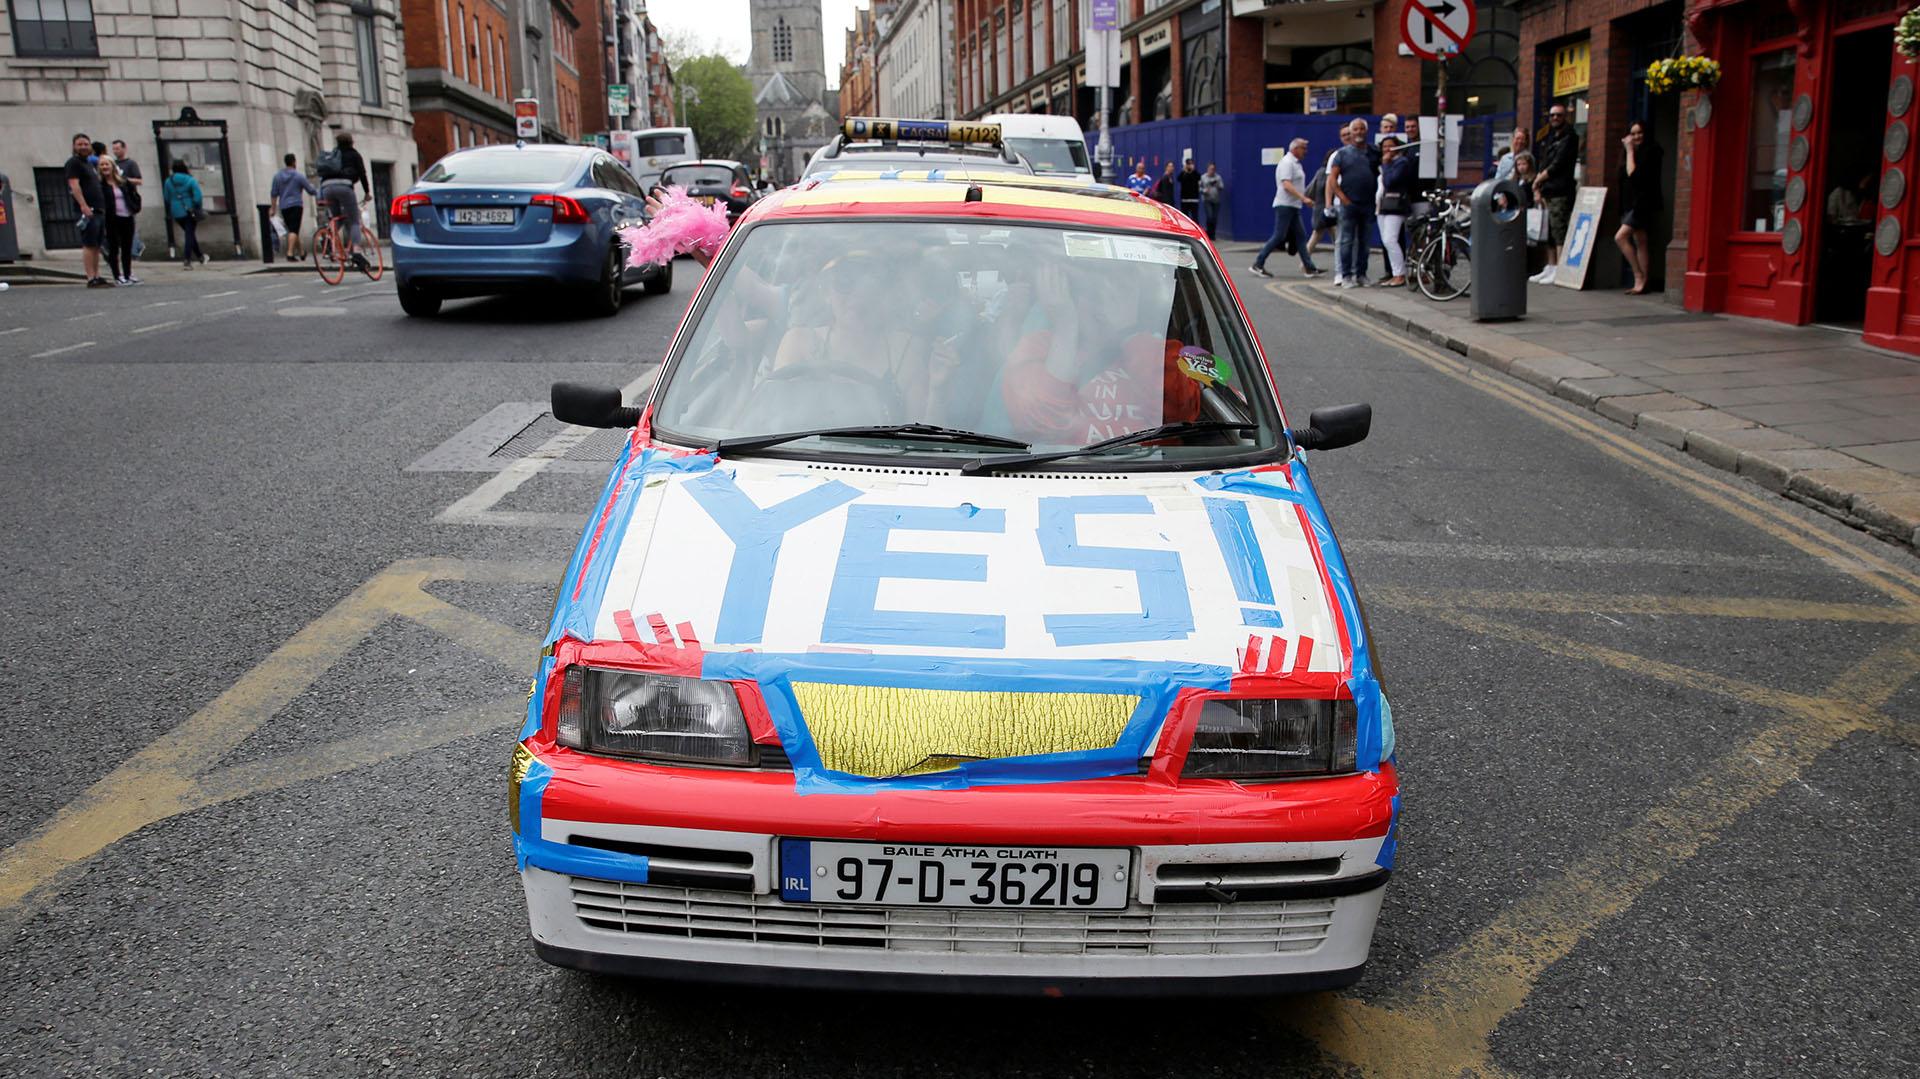 Un automóvil decorado en favor de la liberalización de la ley de aborto en Irlanda (REUTERS/Max Rossi)